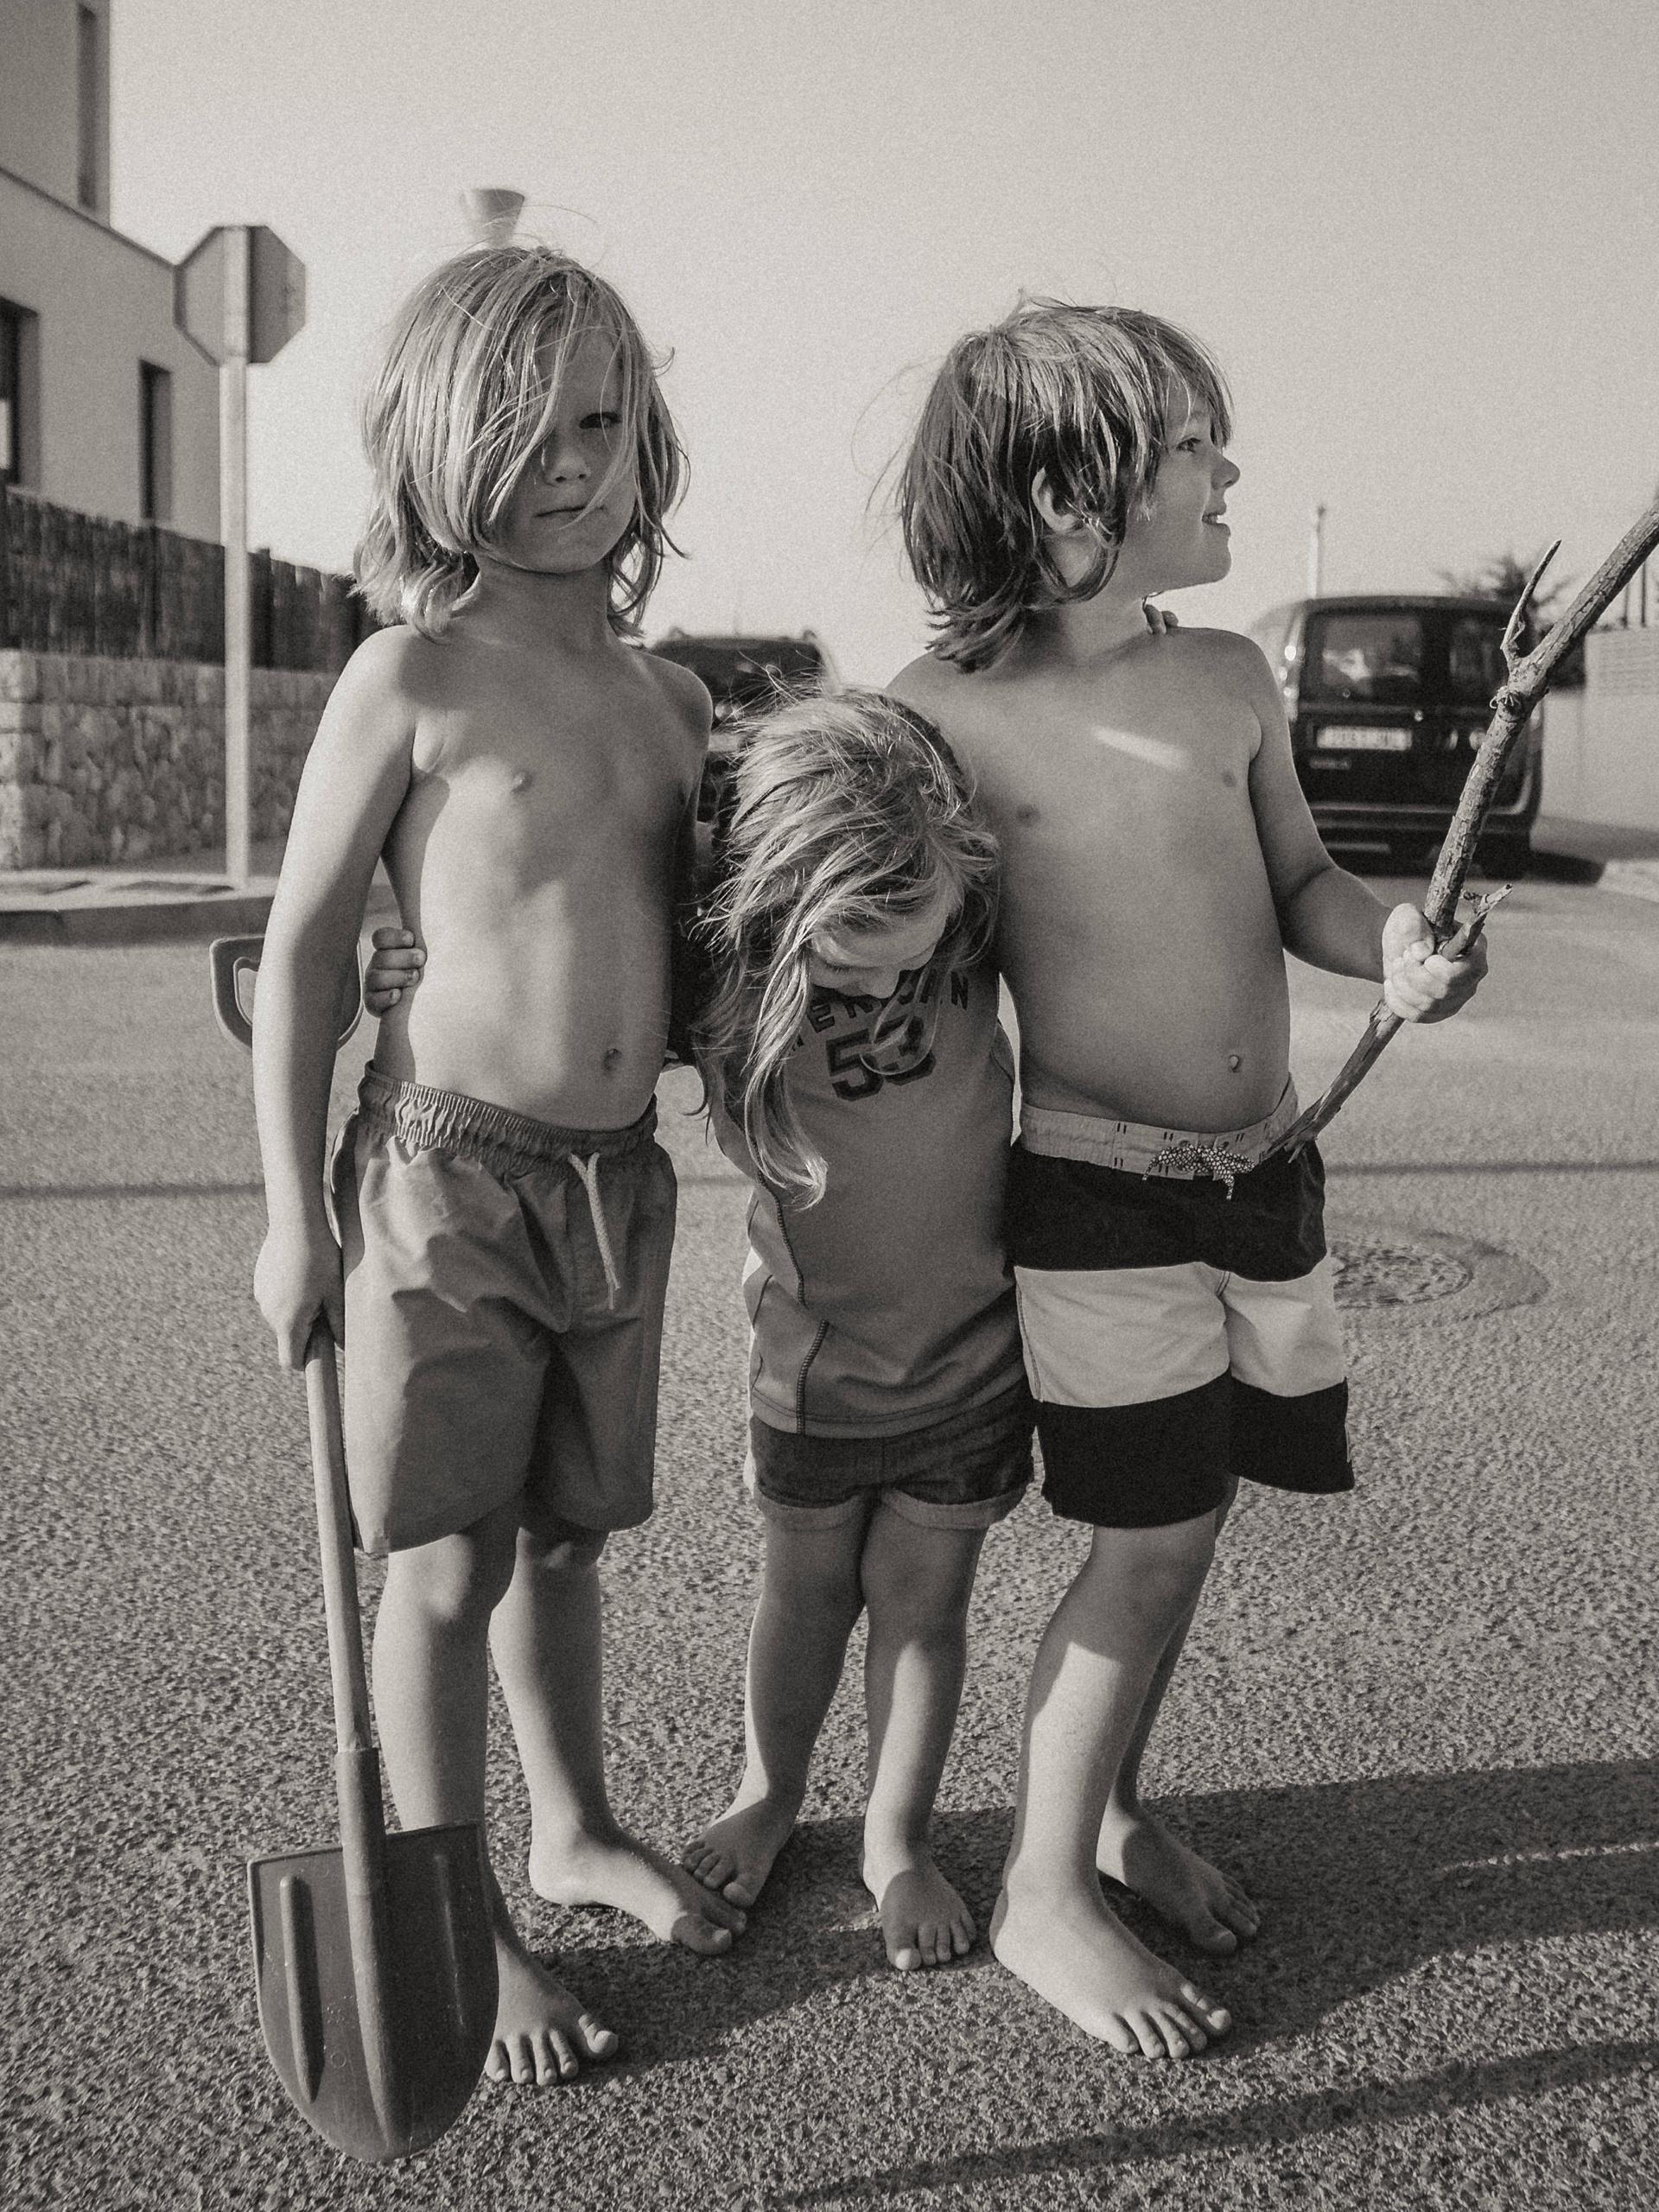 Lieblingsbild - Geschwisterliebe